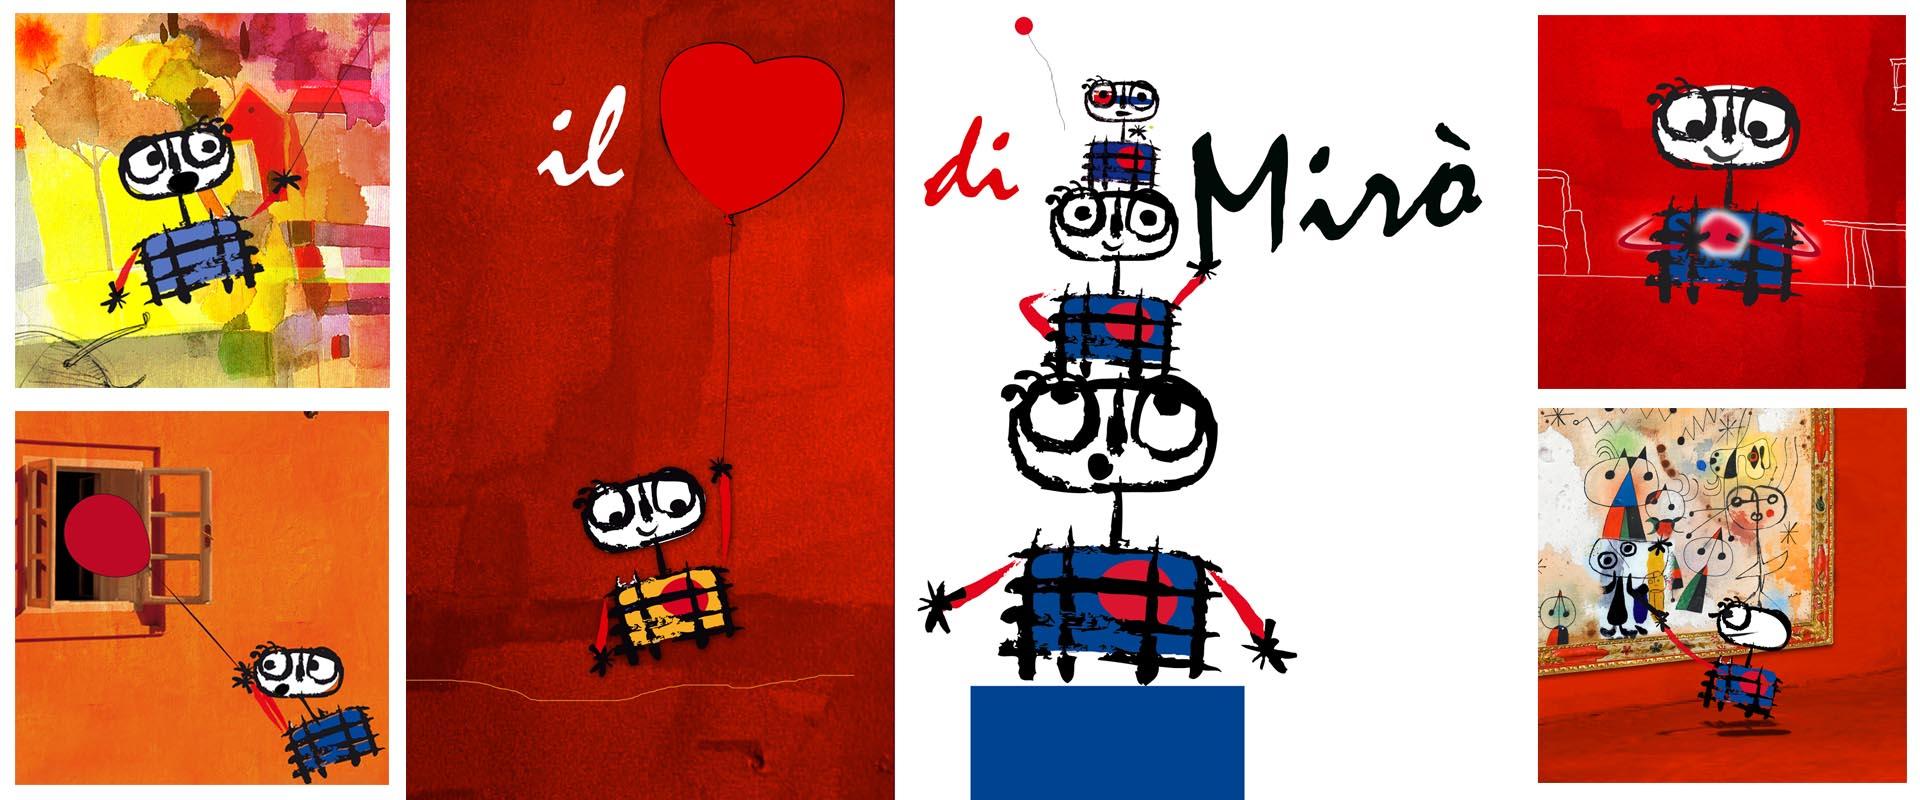 aironic_ugo_capparelli_comunicazione_illustrazioni_bambini